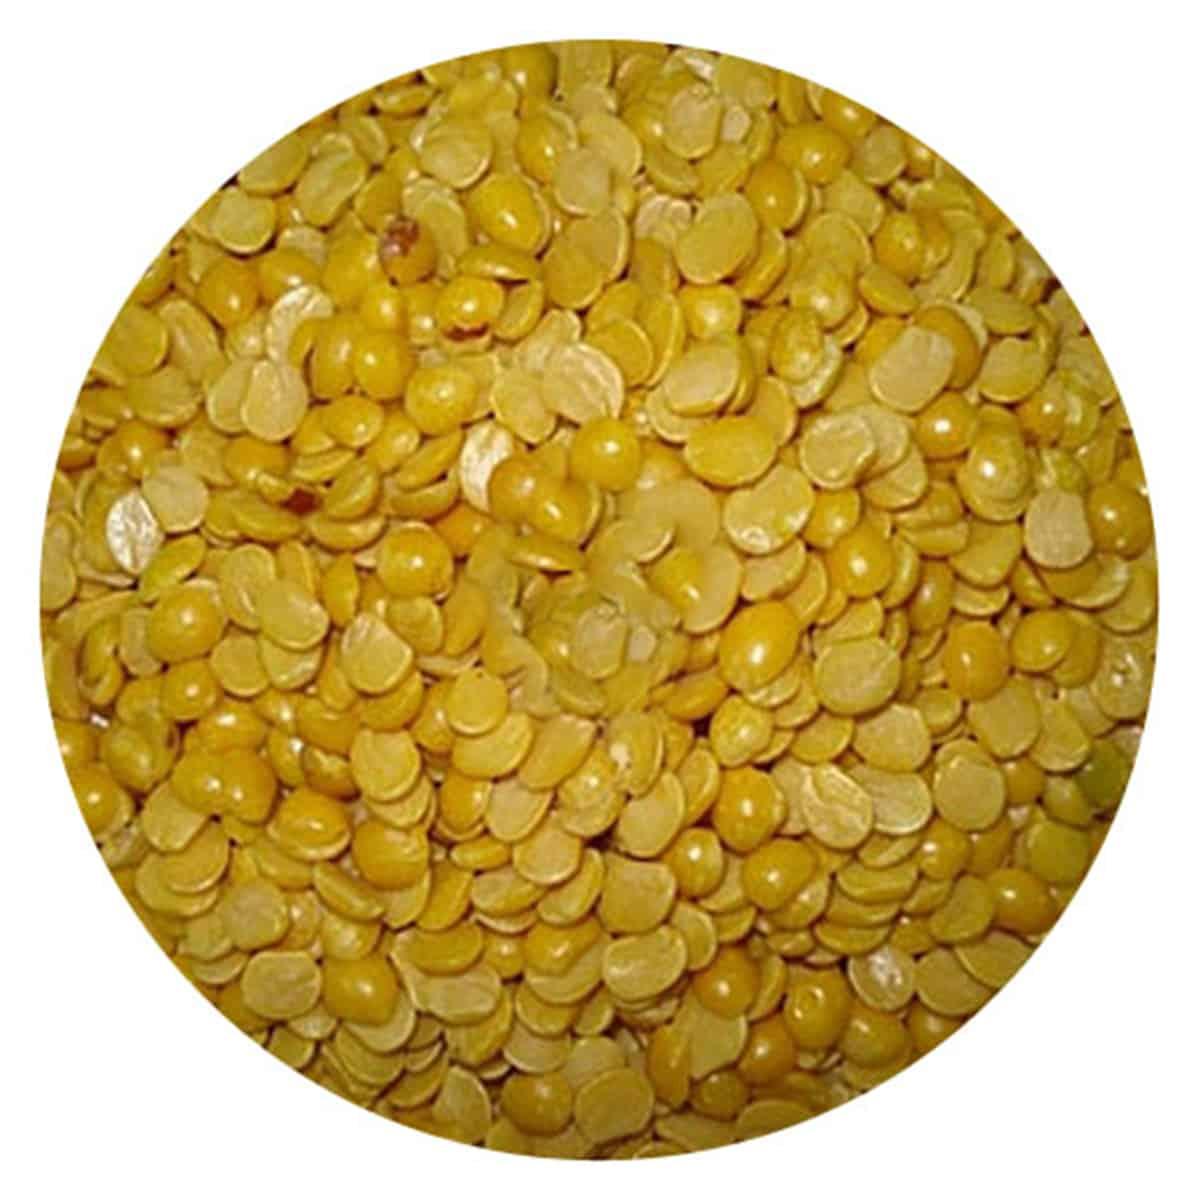 Buy IAG Foods Toor Dal (Split Pigeon Peas) - 1 kg